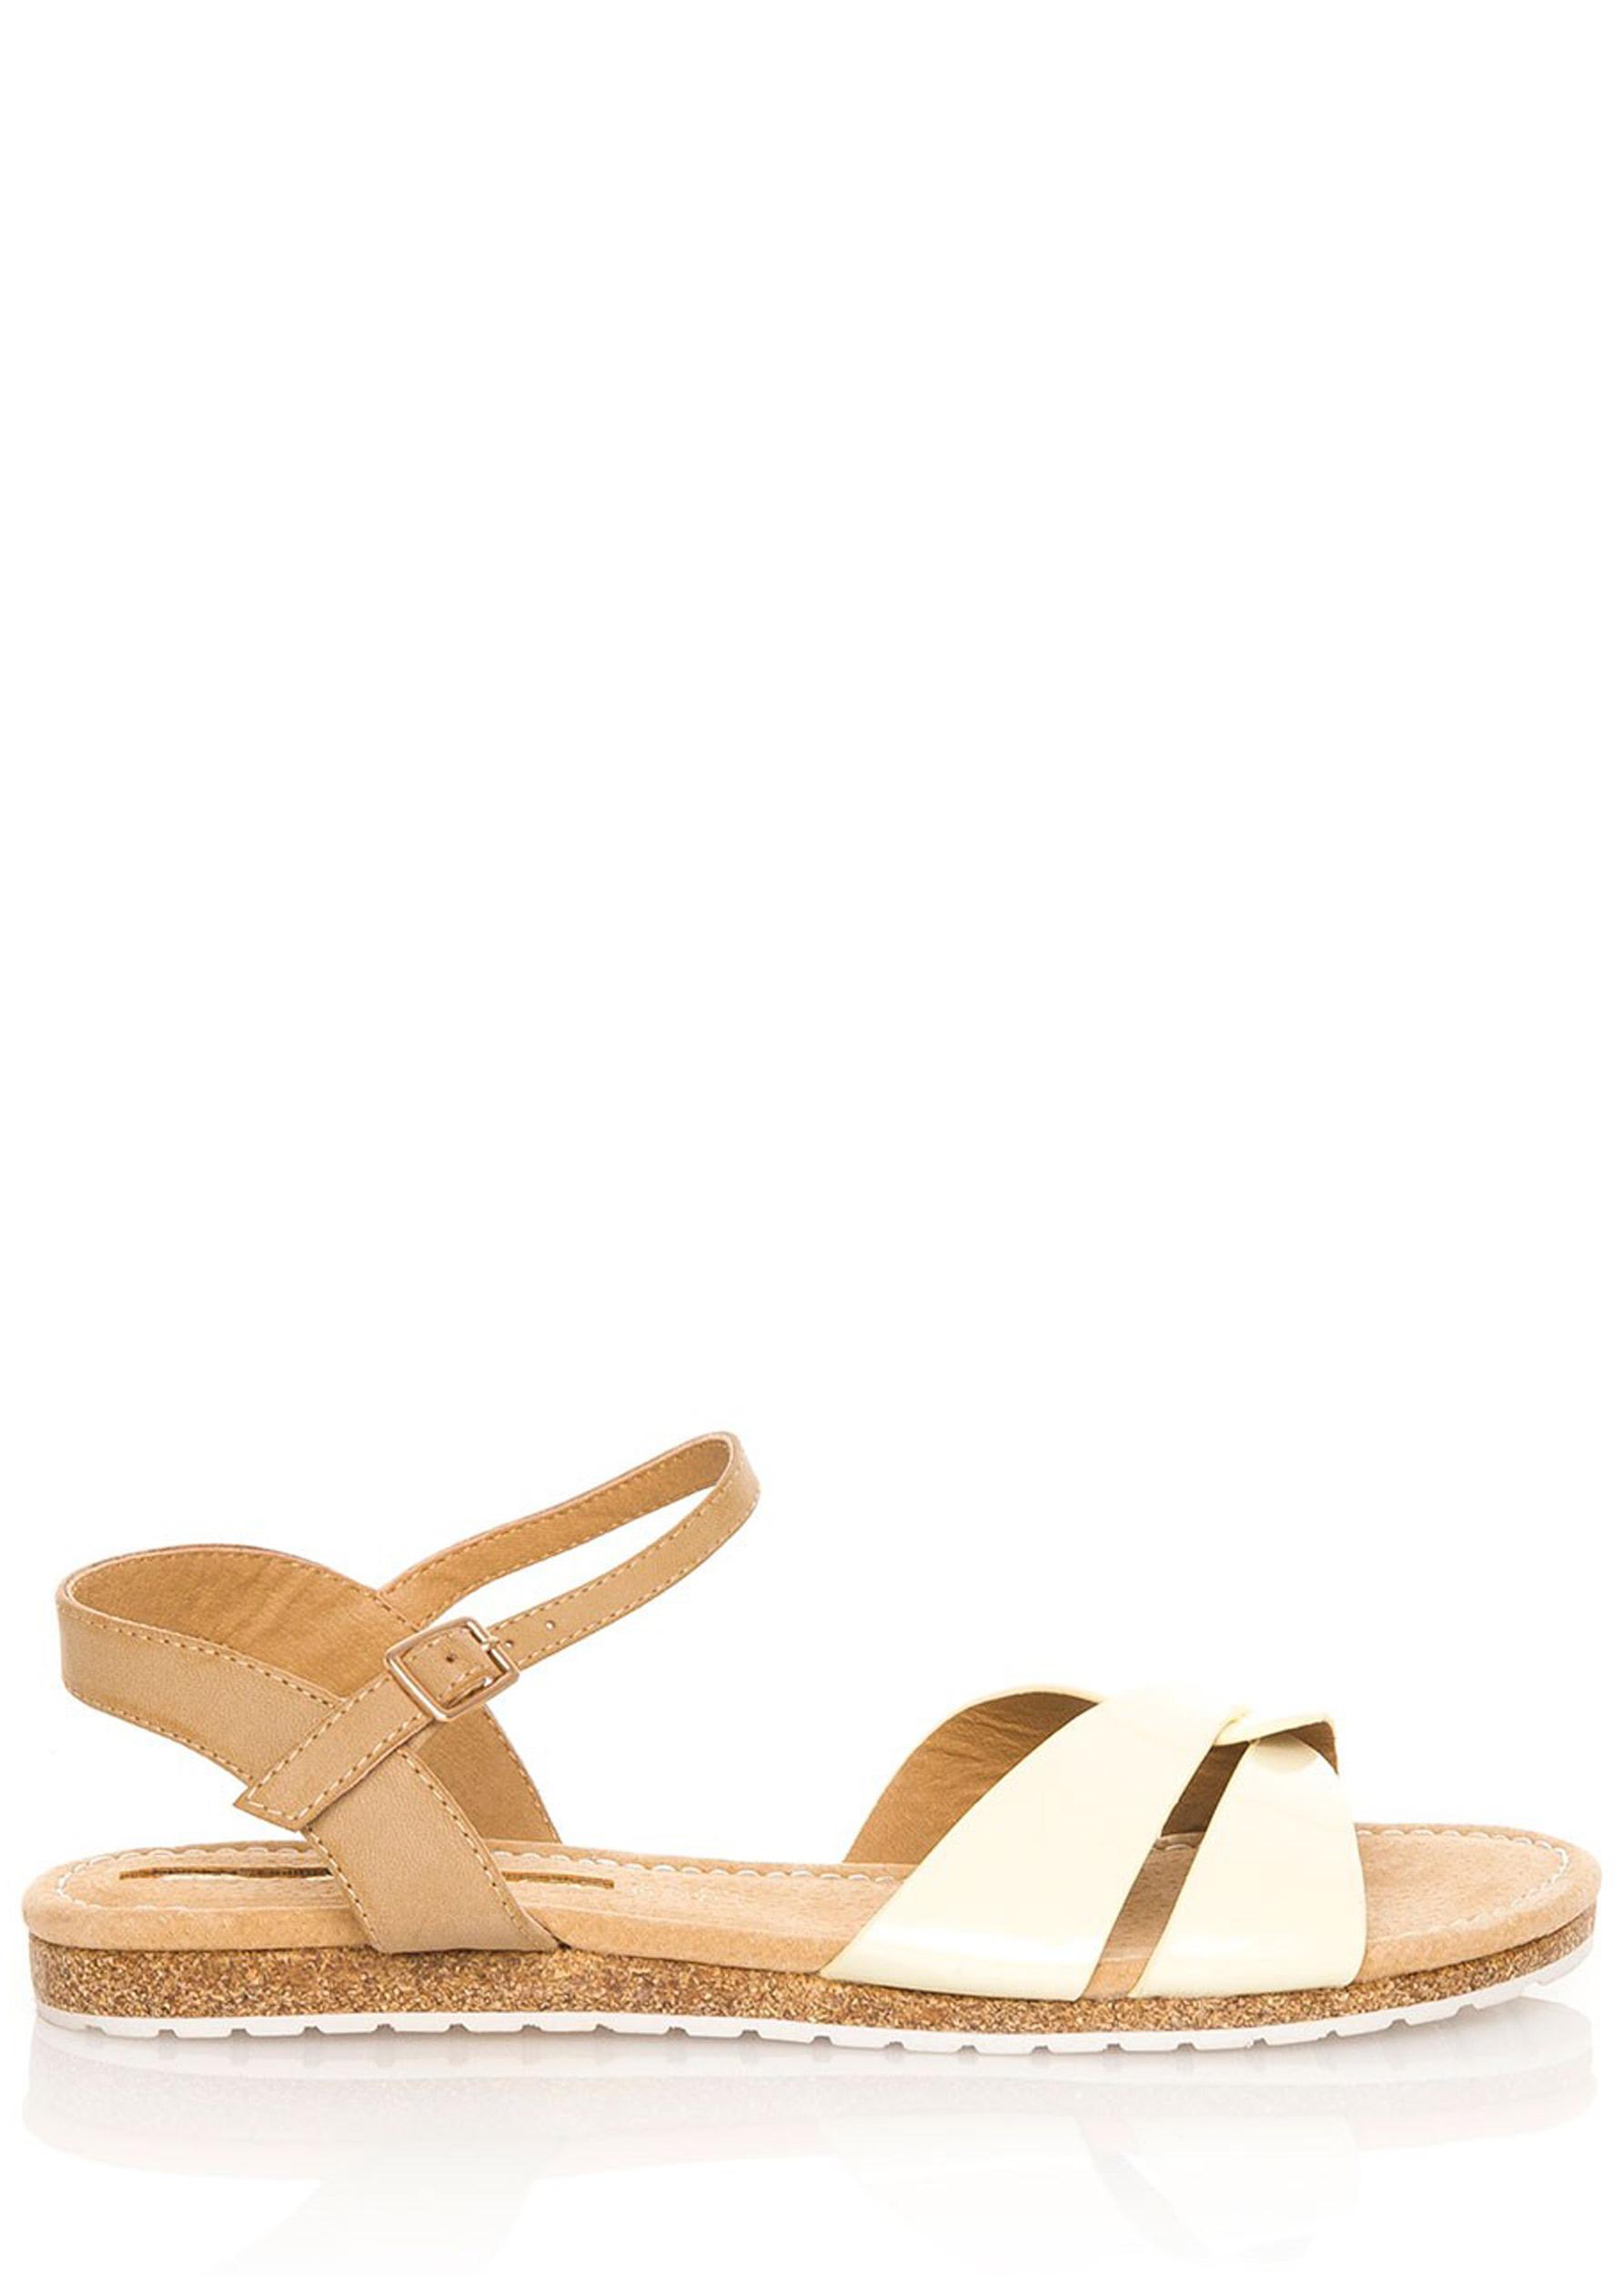 3c21c2405 Žluté korkové letní sandálky MARIA MARE Velikost: 36